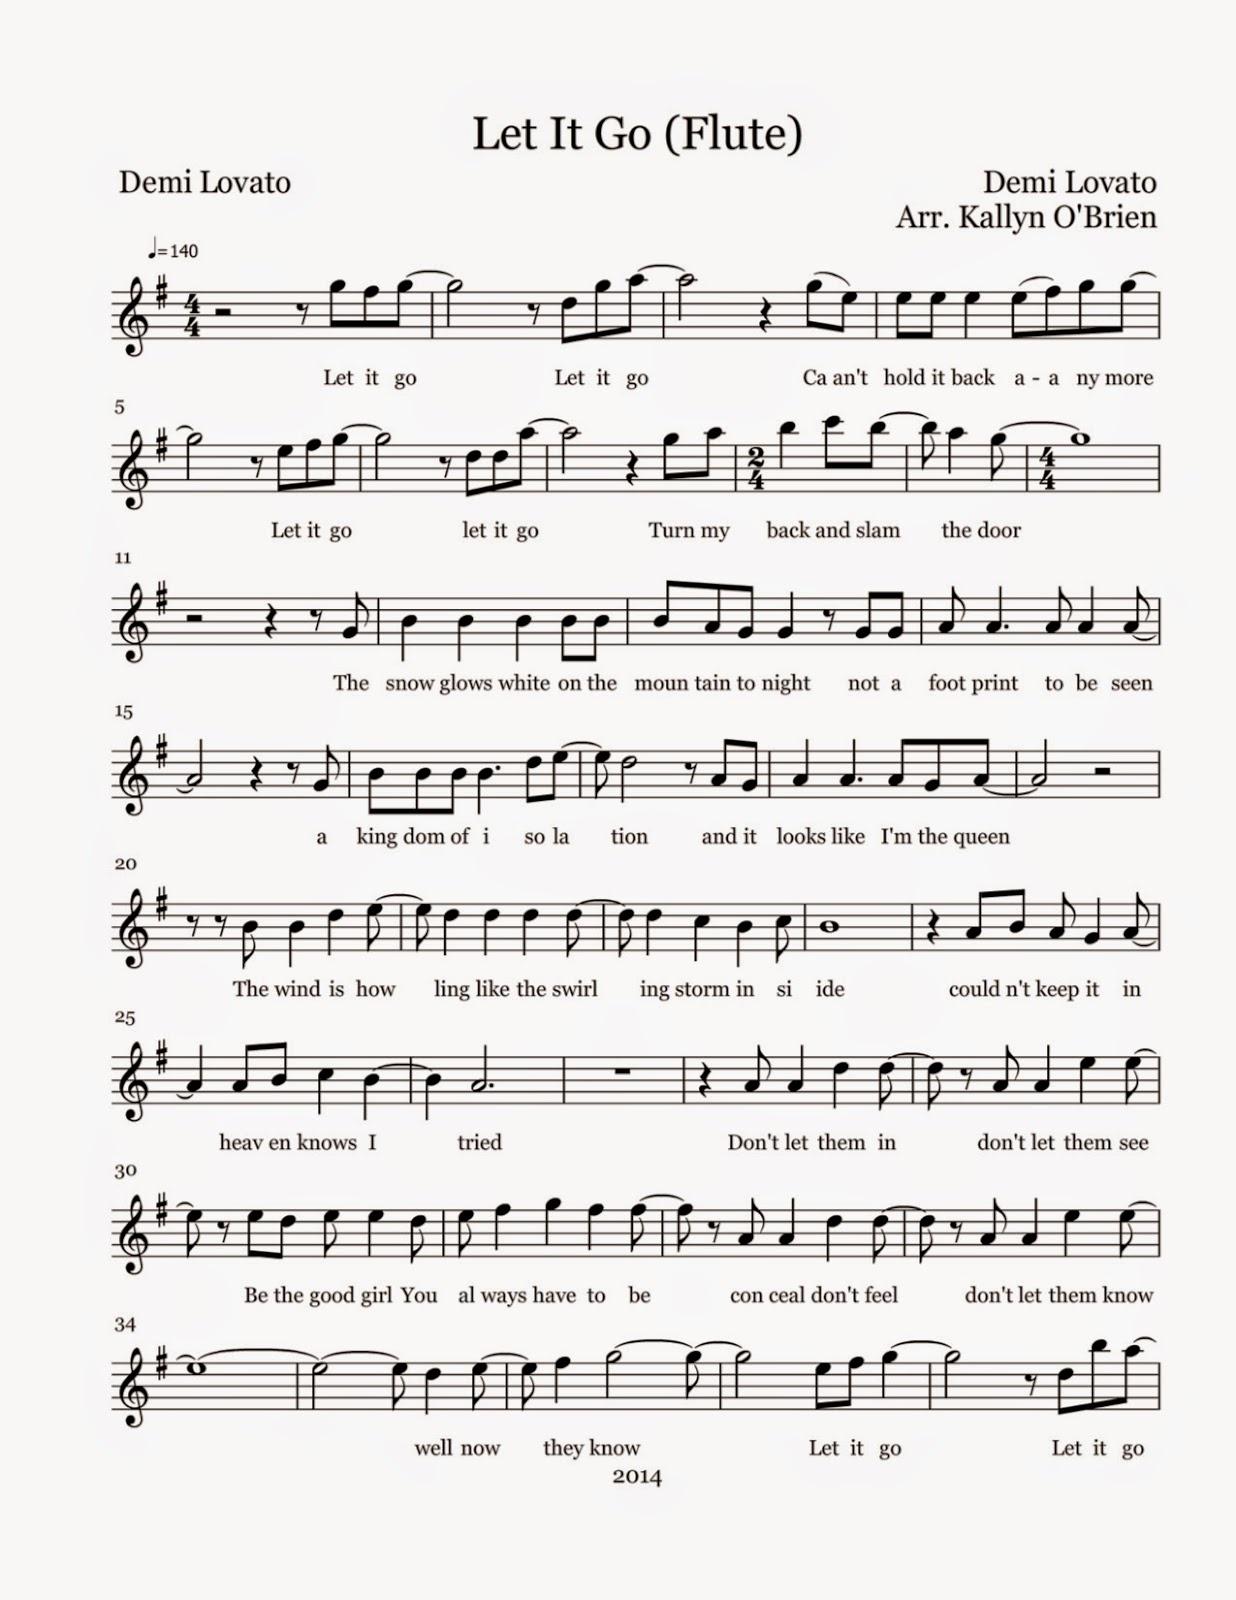 Flute Sheet Music: Let It Go - Sheet Music - Free Printable Flute Sheet Music For Pop Songs